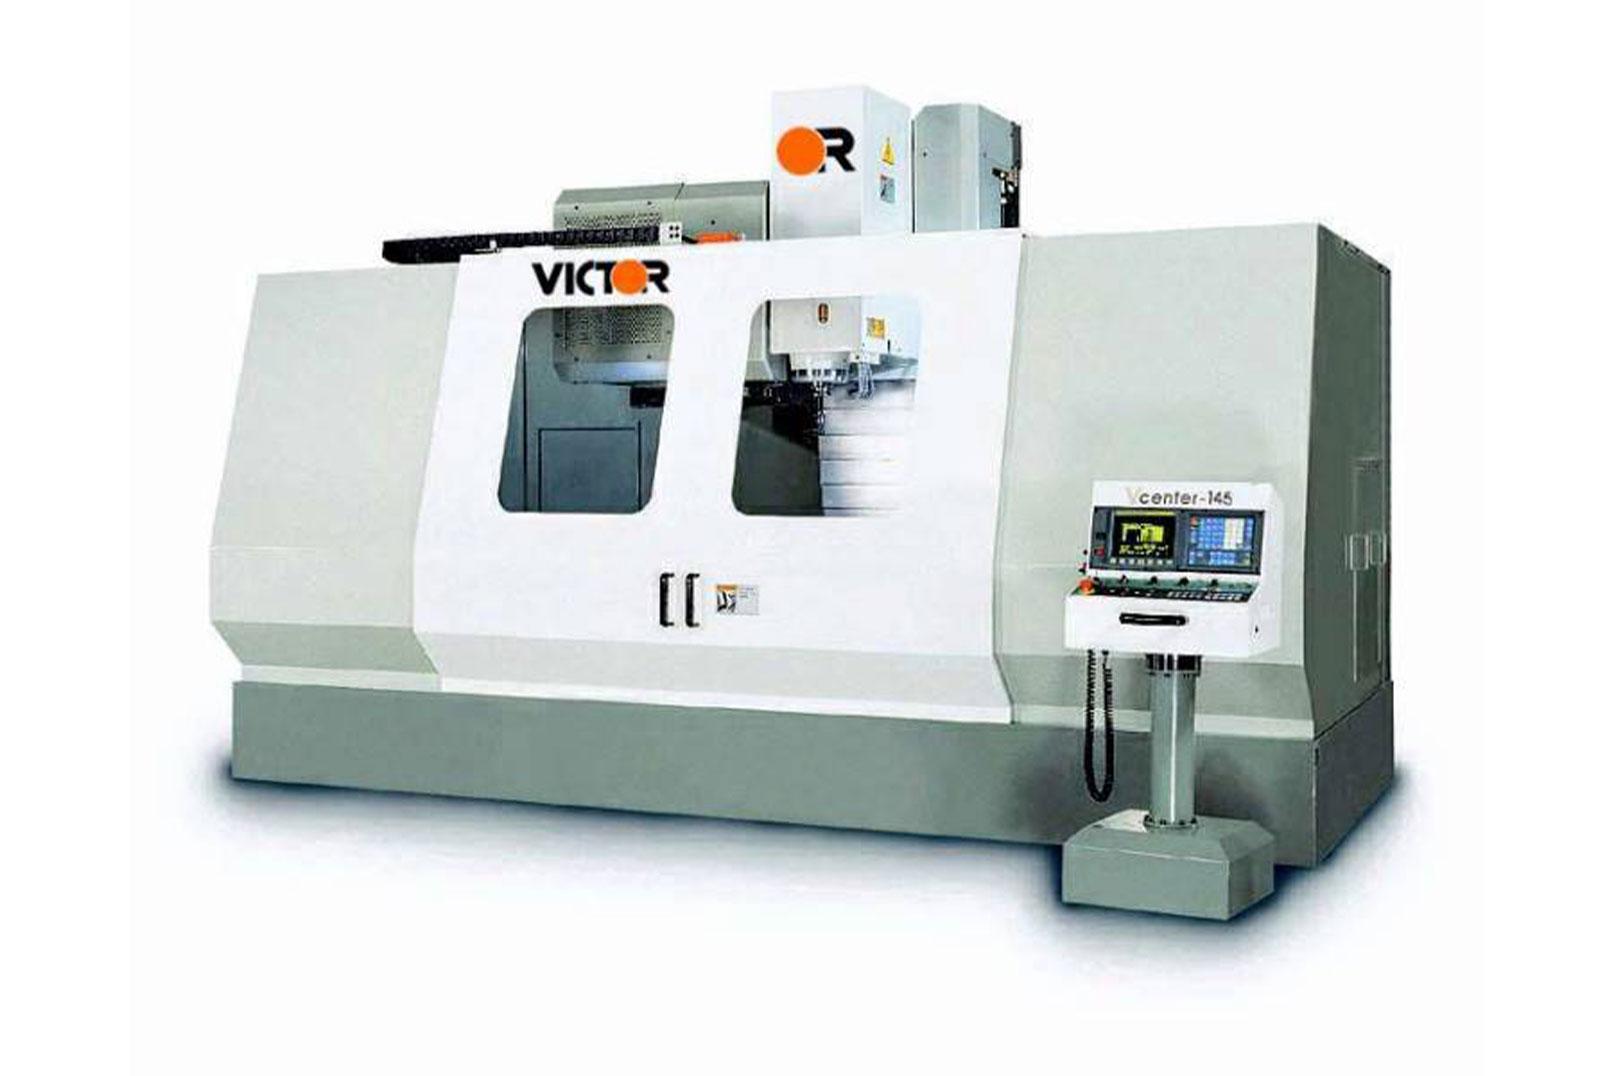 Victor centro di lavoro verticale modello VC 145